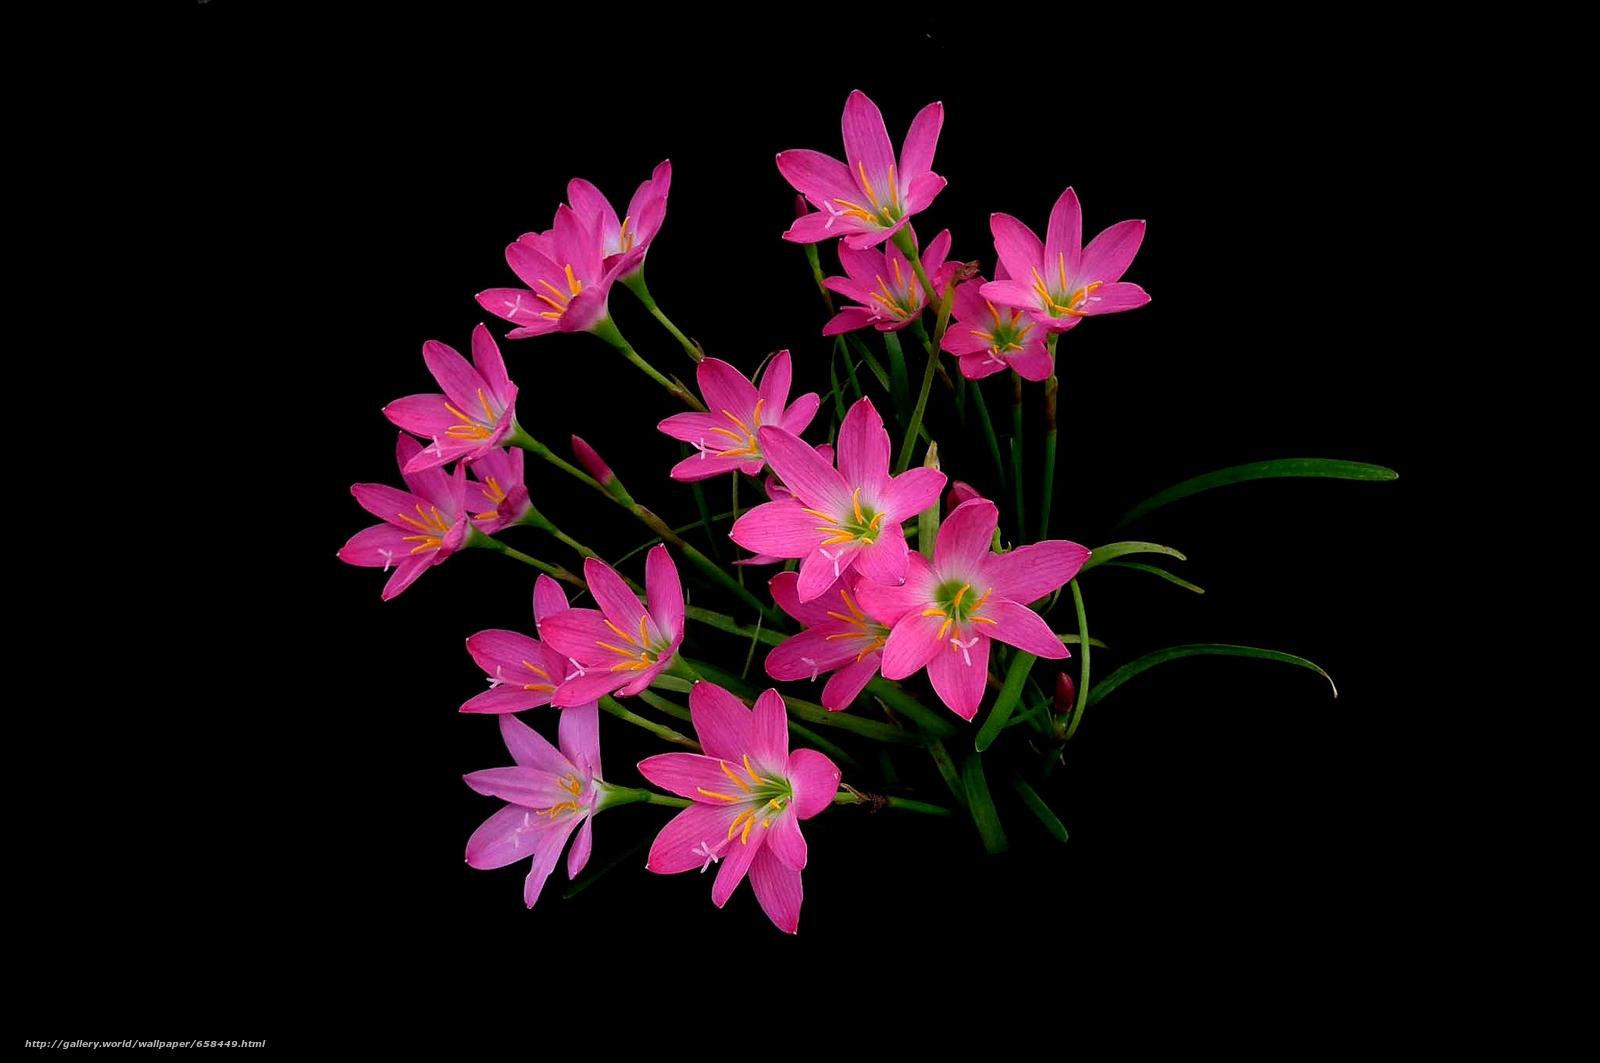 Скачать обои цветок,  цветы,  флора,  красивые цветы бесплатно для рабочего стола в разрешении 2048x1360 — картинка №658449